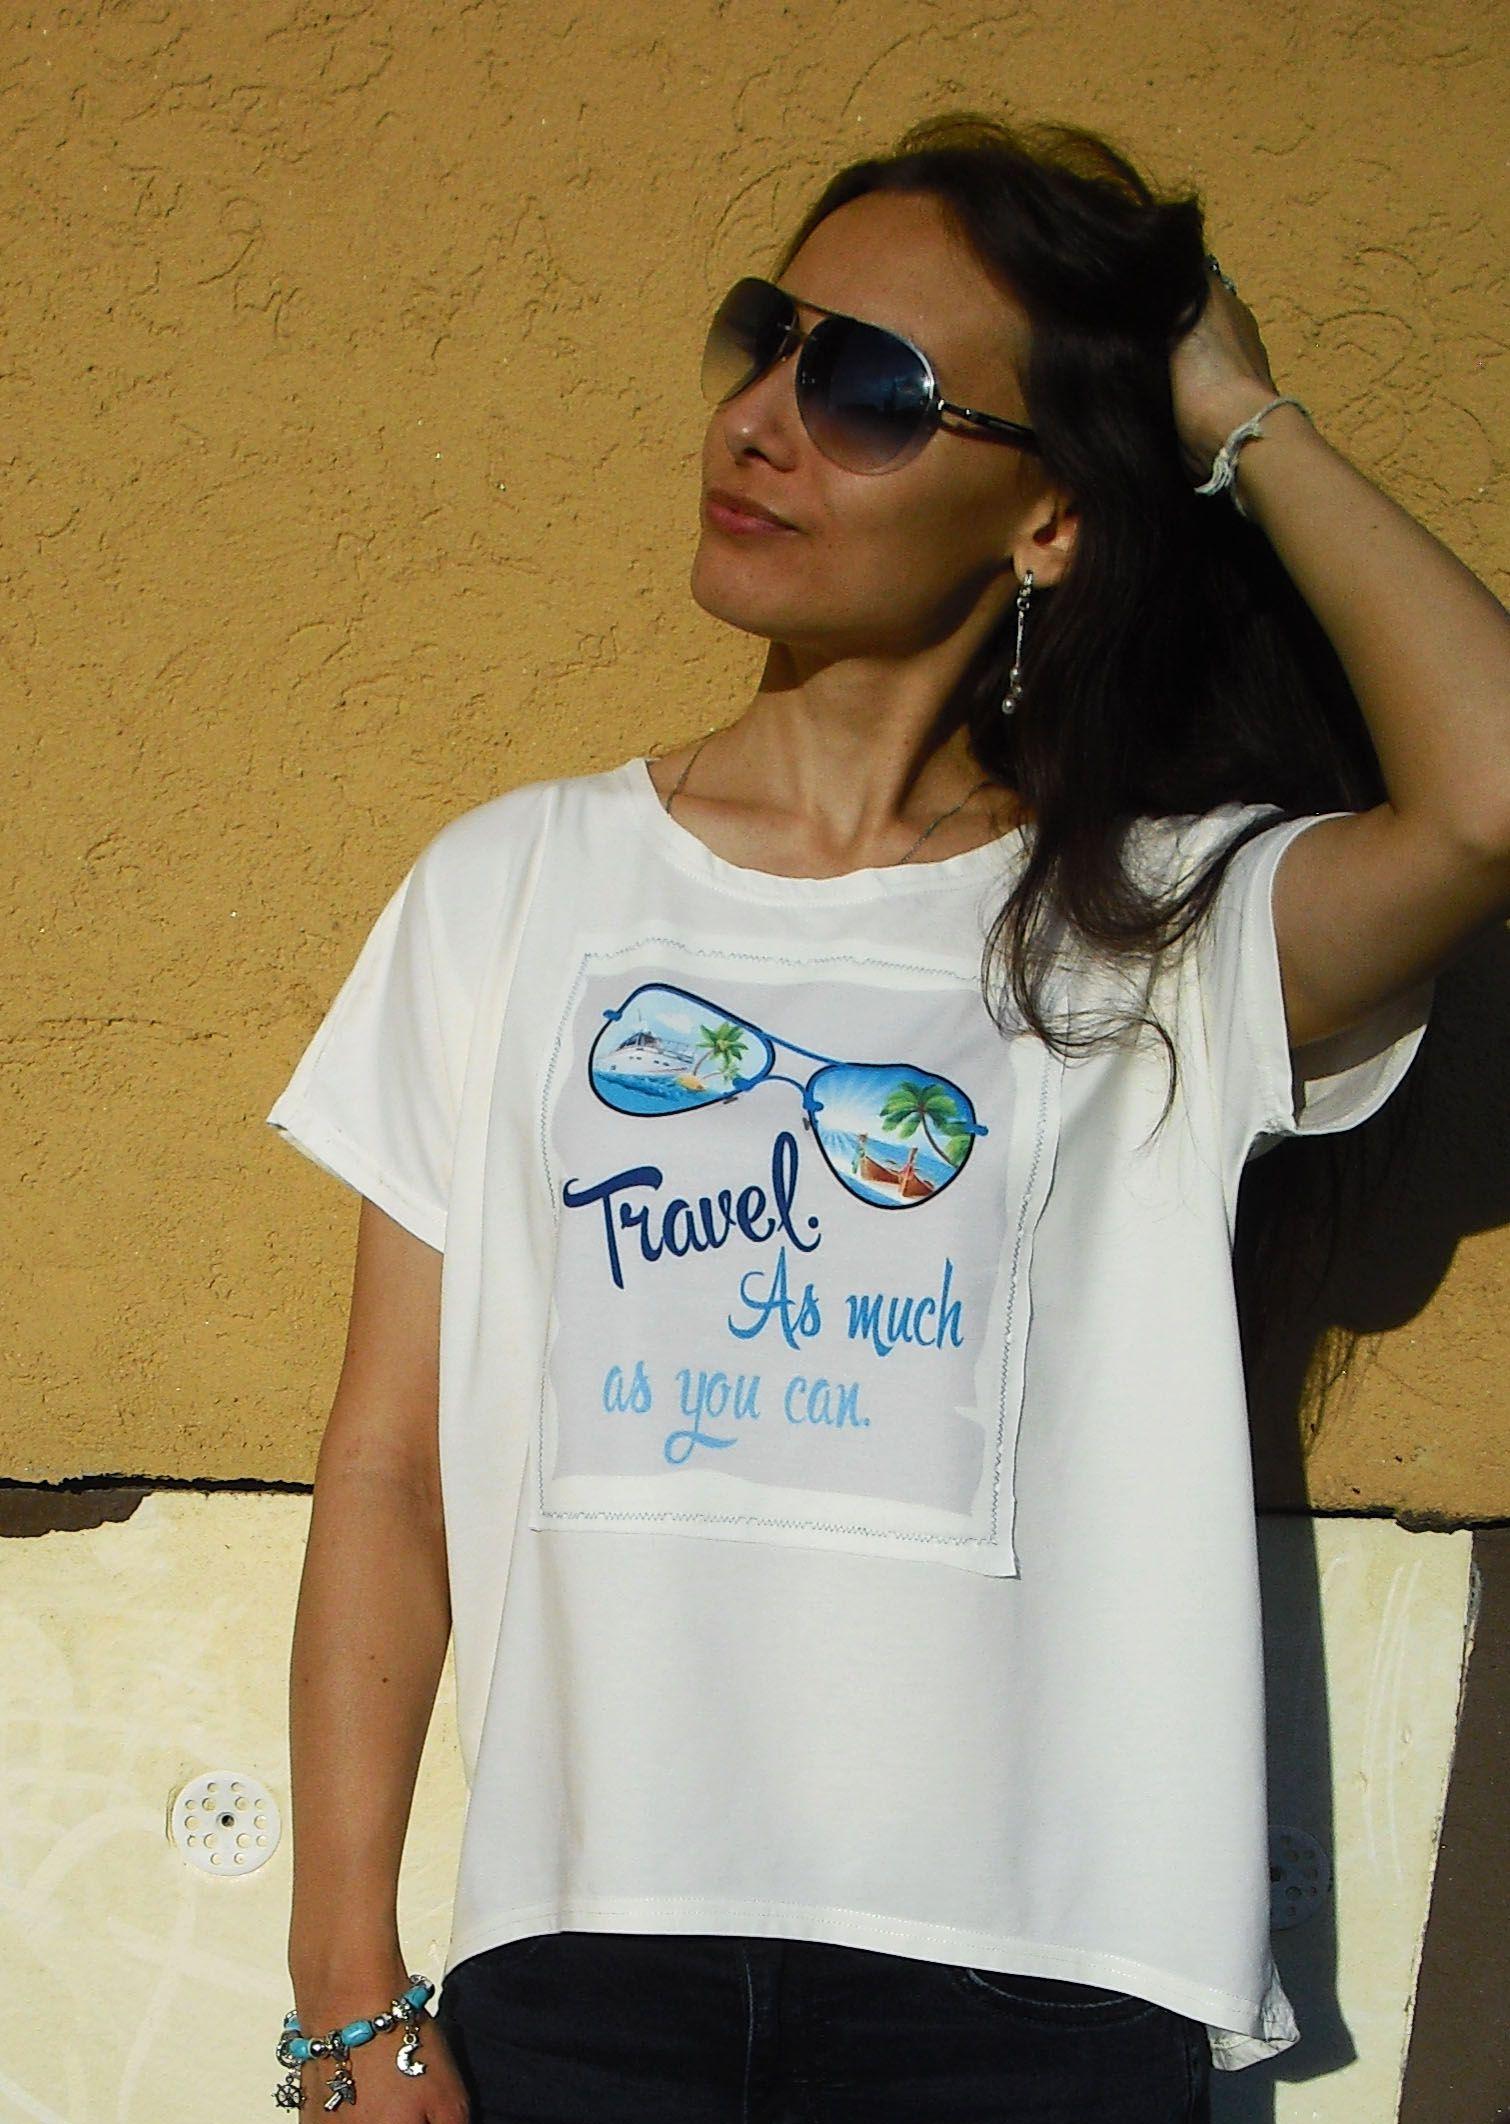 принт белый очки молочный футболка цвет дизайнерский путешествия нашивка трикотаж хлопок